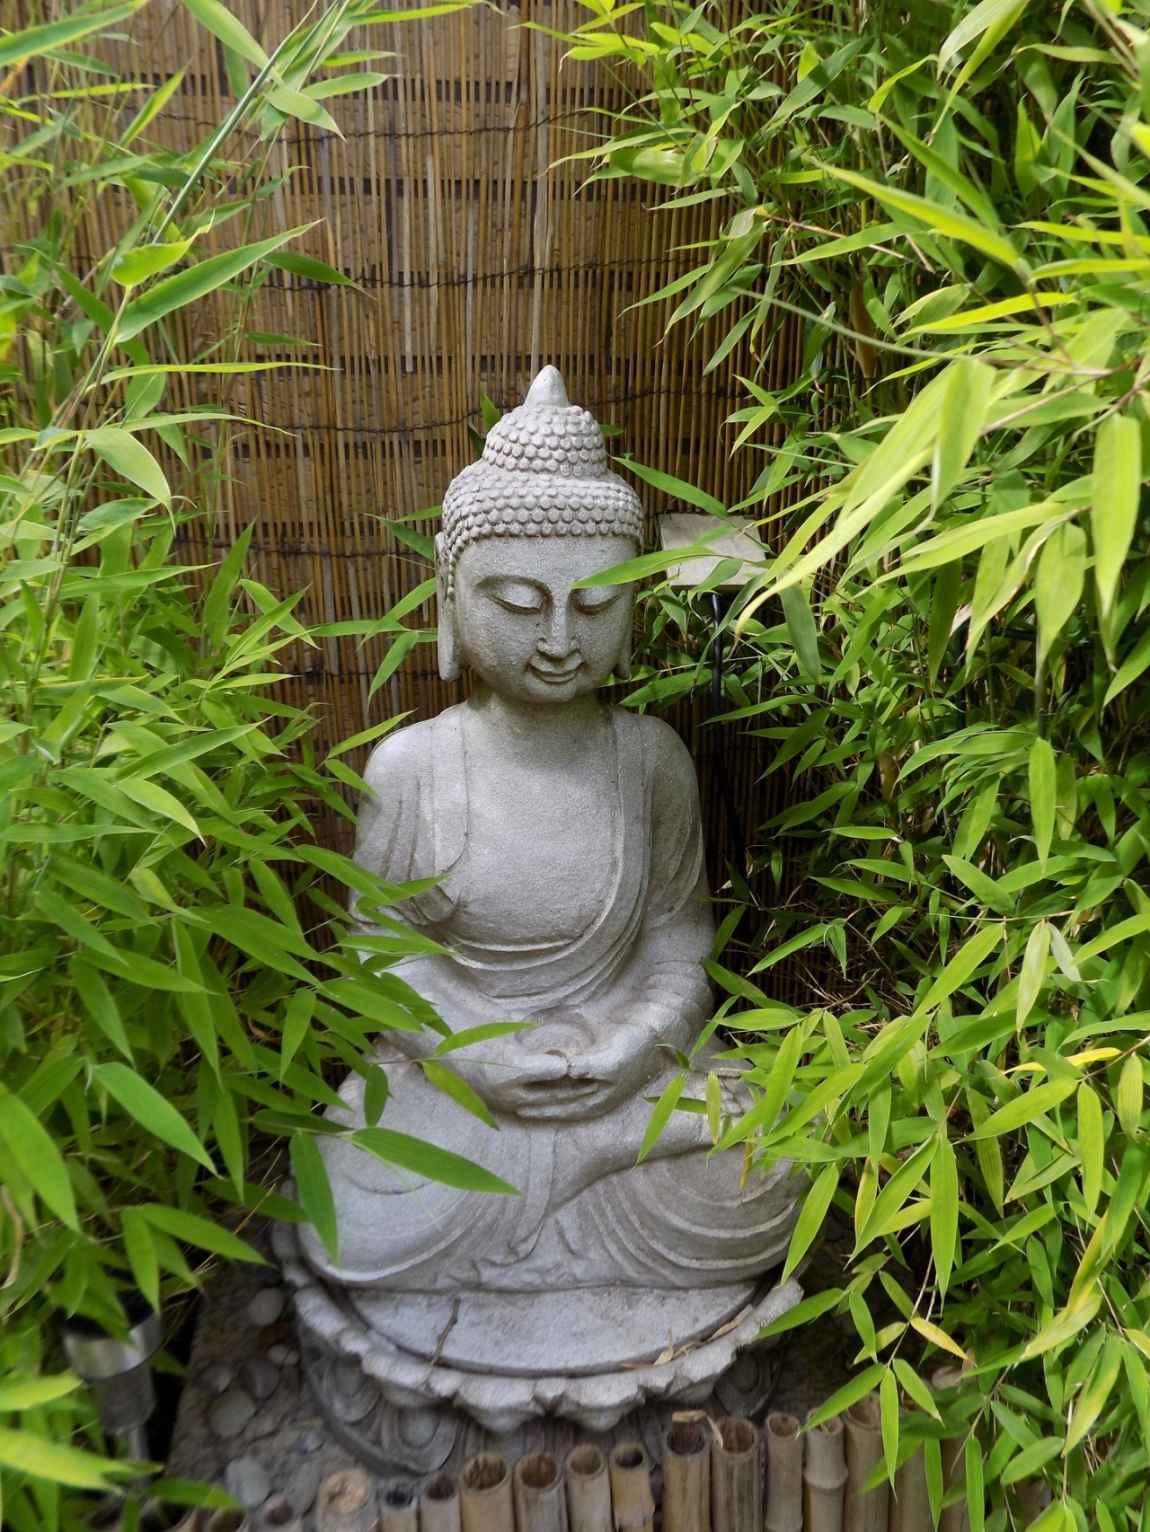 El significado de decorar nuestro jardín con figuras de Buda